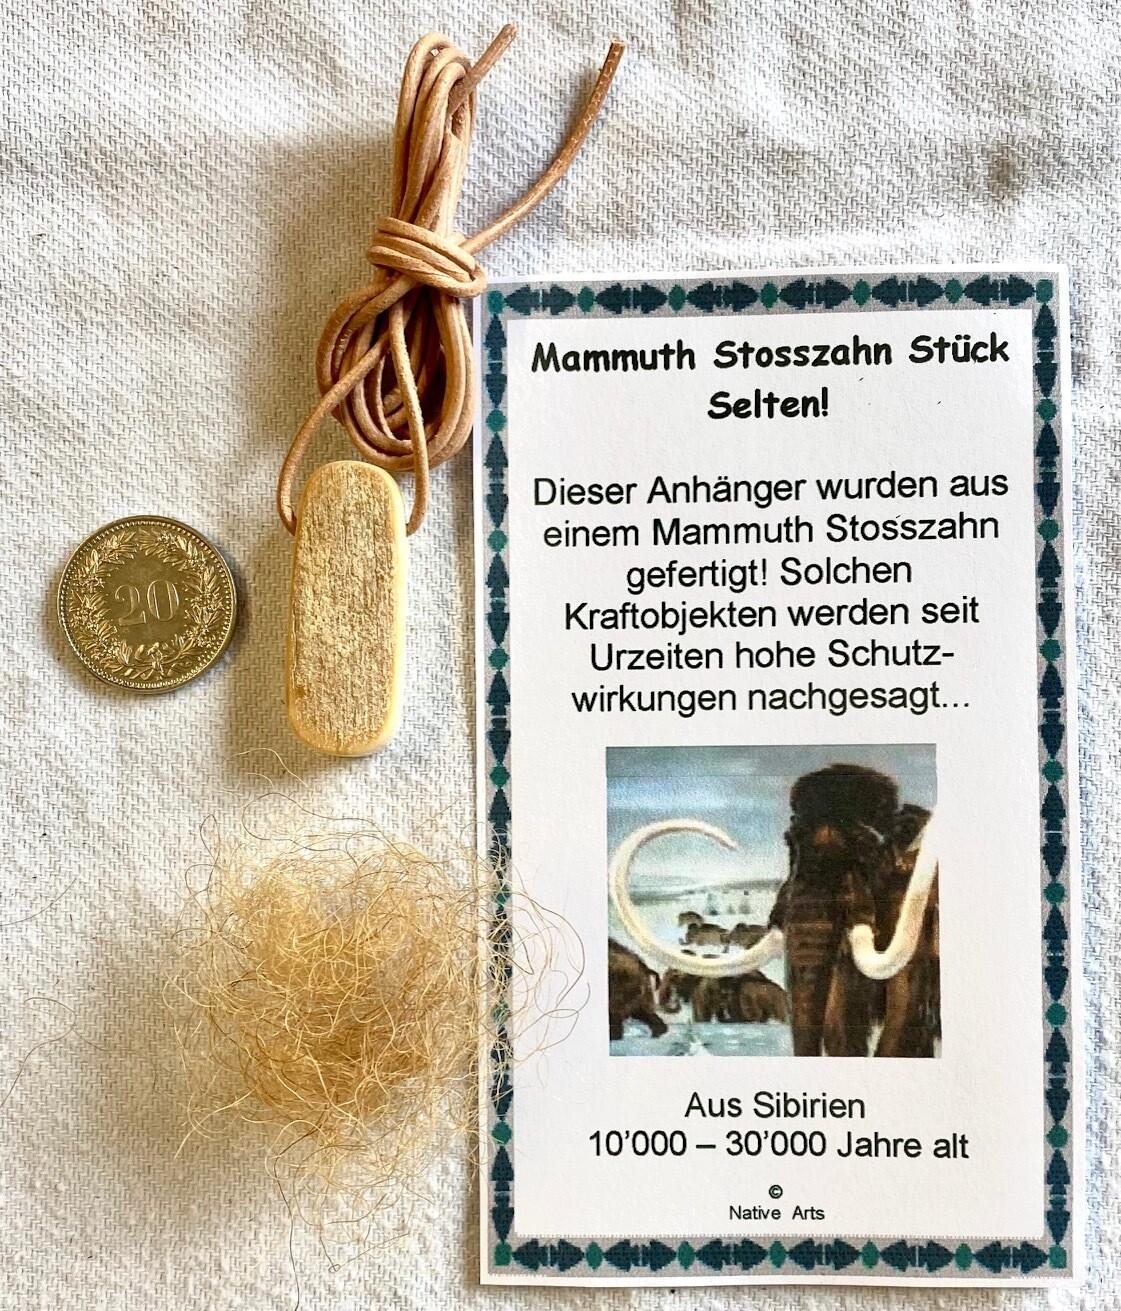 Stück Mammuth Stosszahn  Selten!